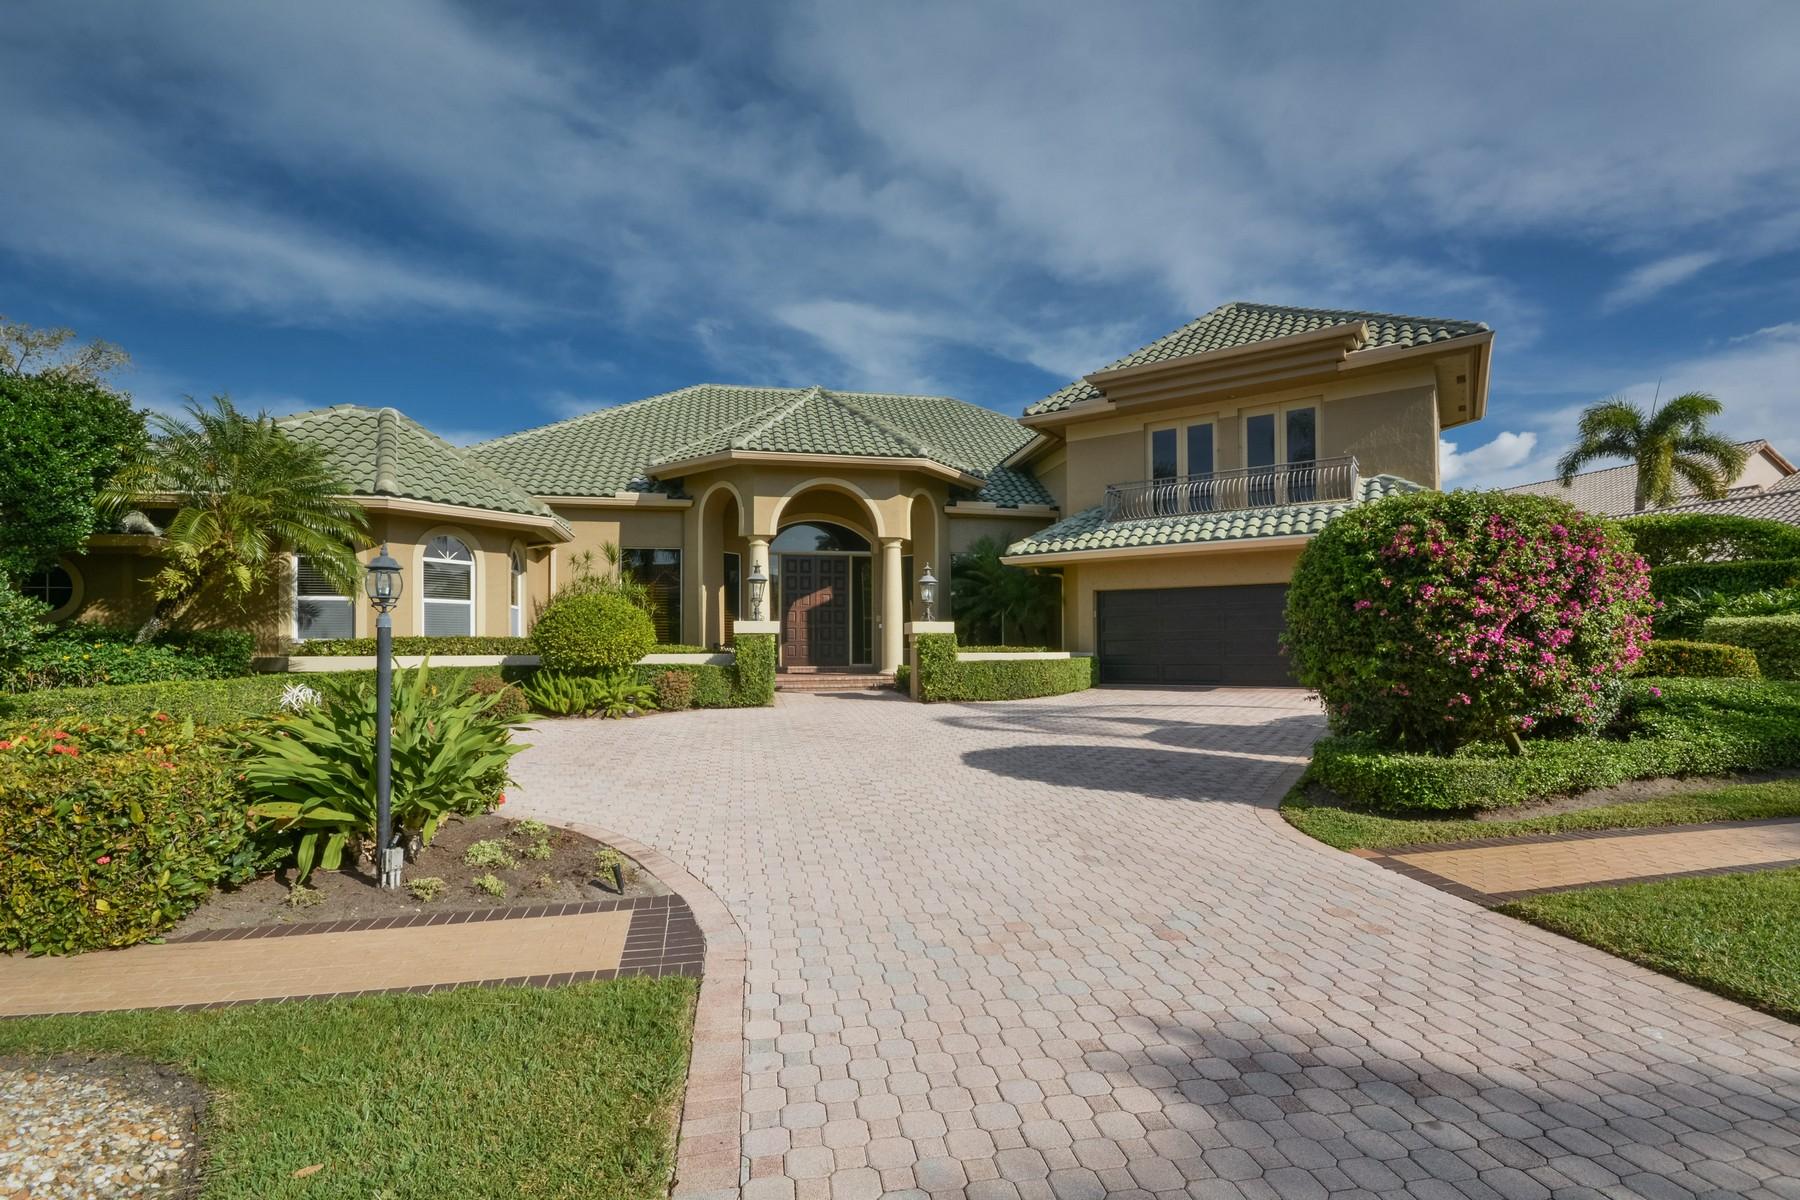 Einfamilienhaus für Verkauf beim 7052 Queenferry Cir , Boca Raton, FL 33496 7052 Queenferry Cir Boca Raton, Florida, 33496 Vereinigte Staaten